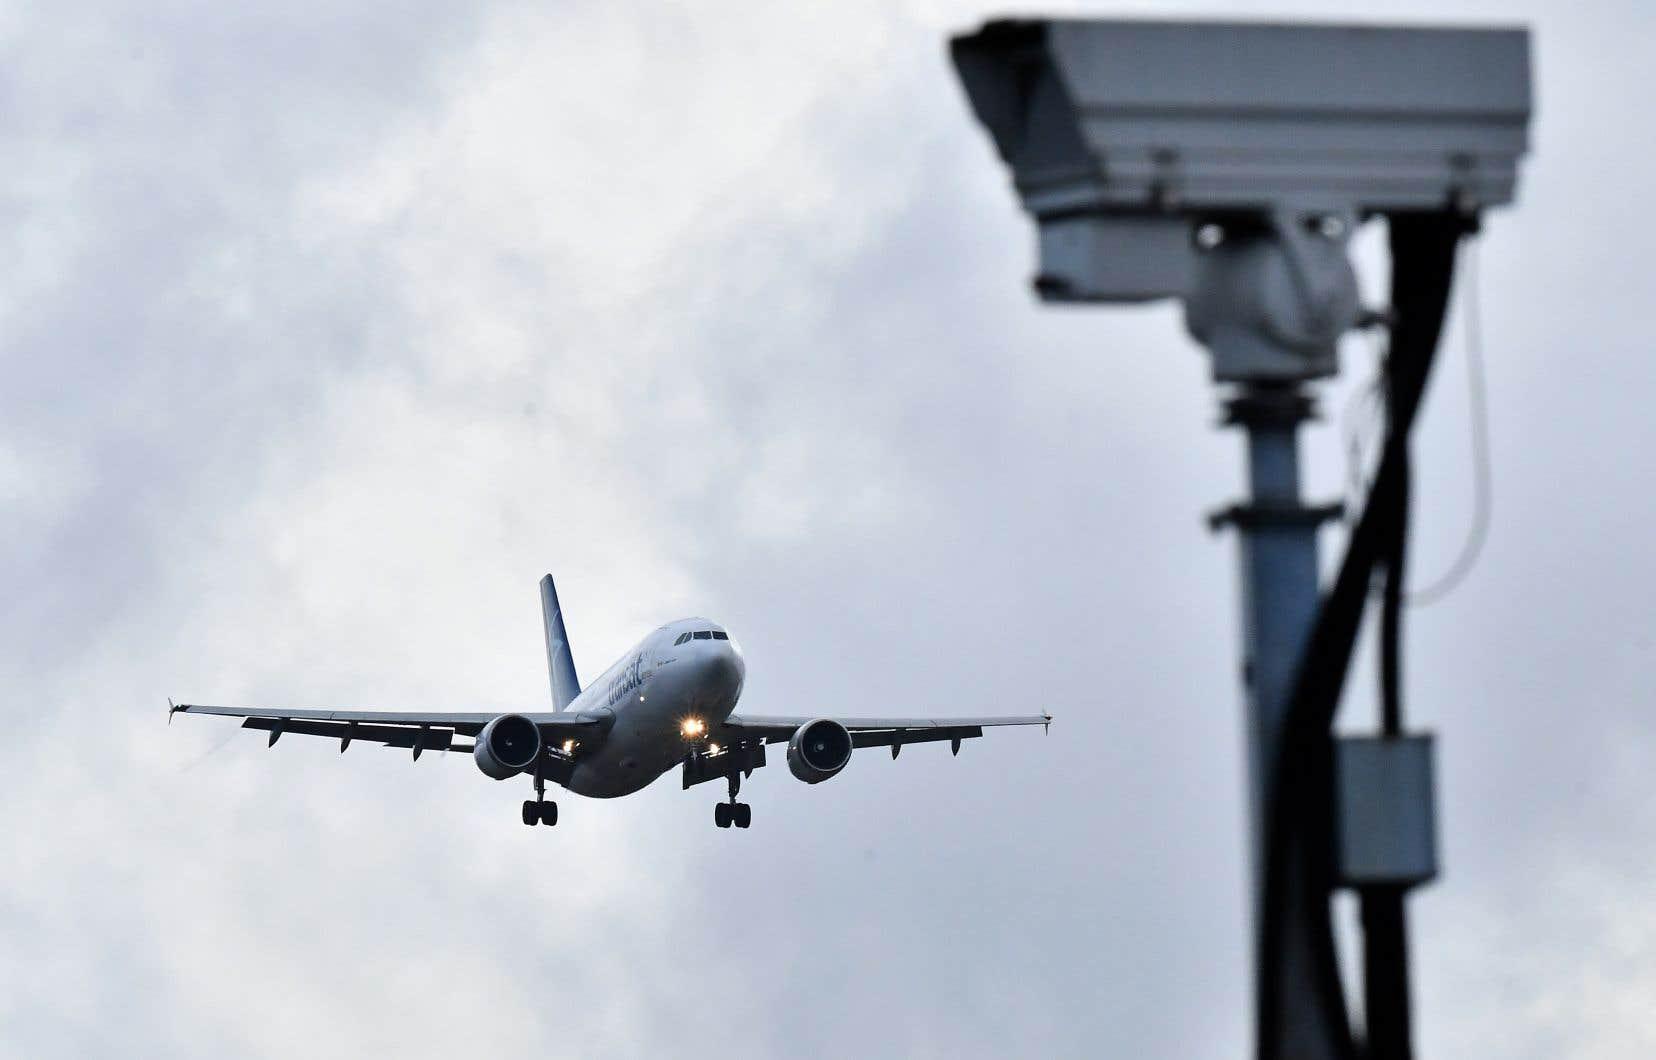 Des drones ont perturbé le trafic à l'aéroport londonien de Gatwick et affecté 120000 voyageurs.